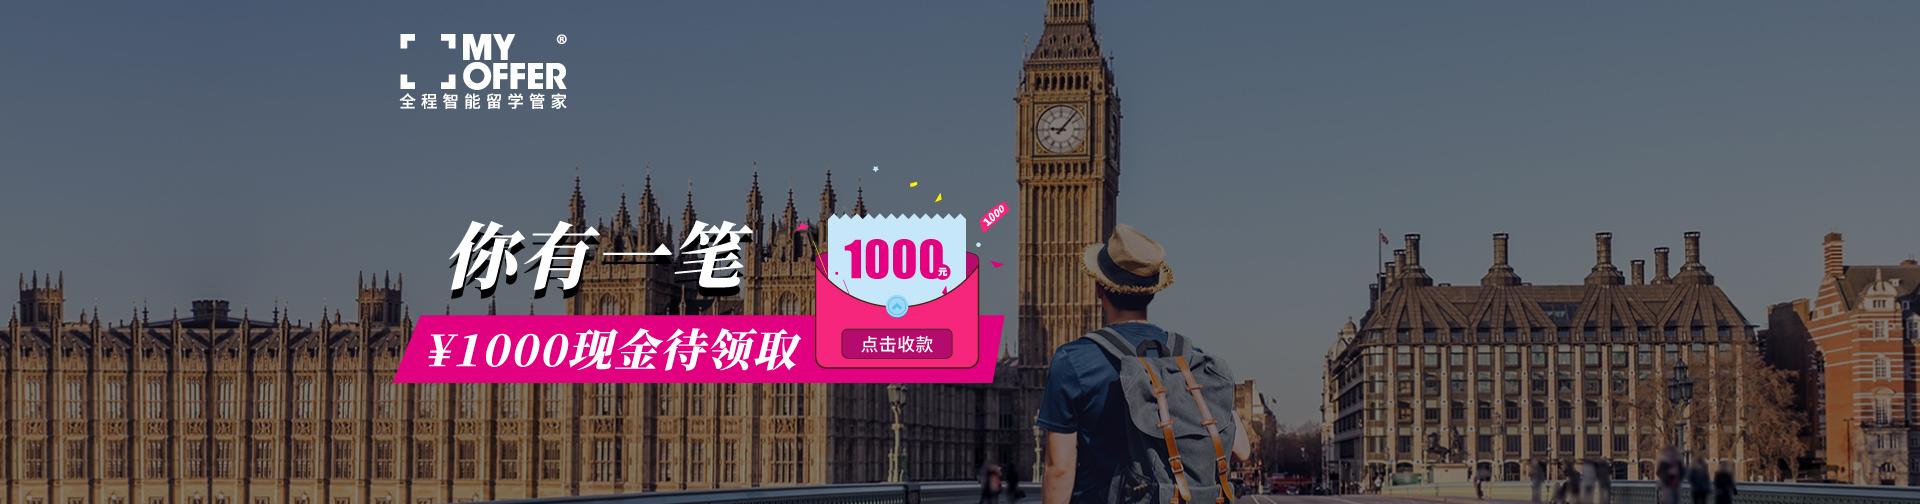 http://myoffer-public.oss-cn-shenzhen.aliyuncs.com/banners/c828e2b69dbee8c719e6eaba75a4df66-557735-1920x504.jpeg